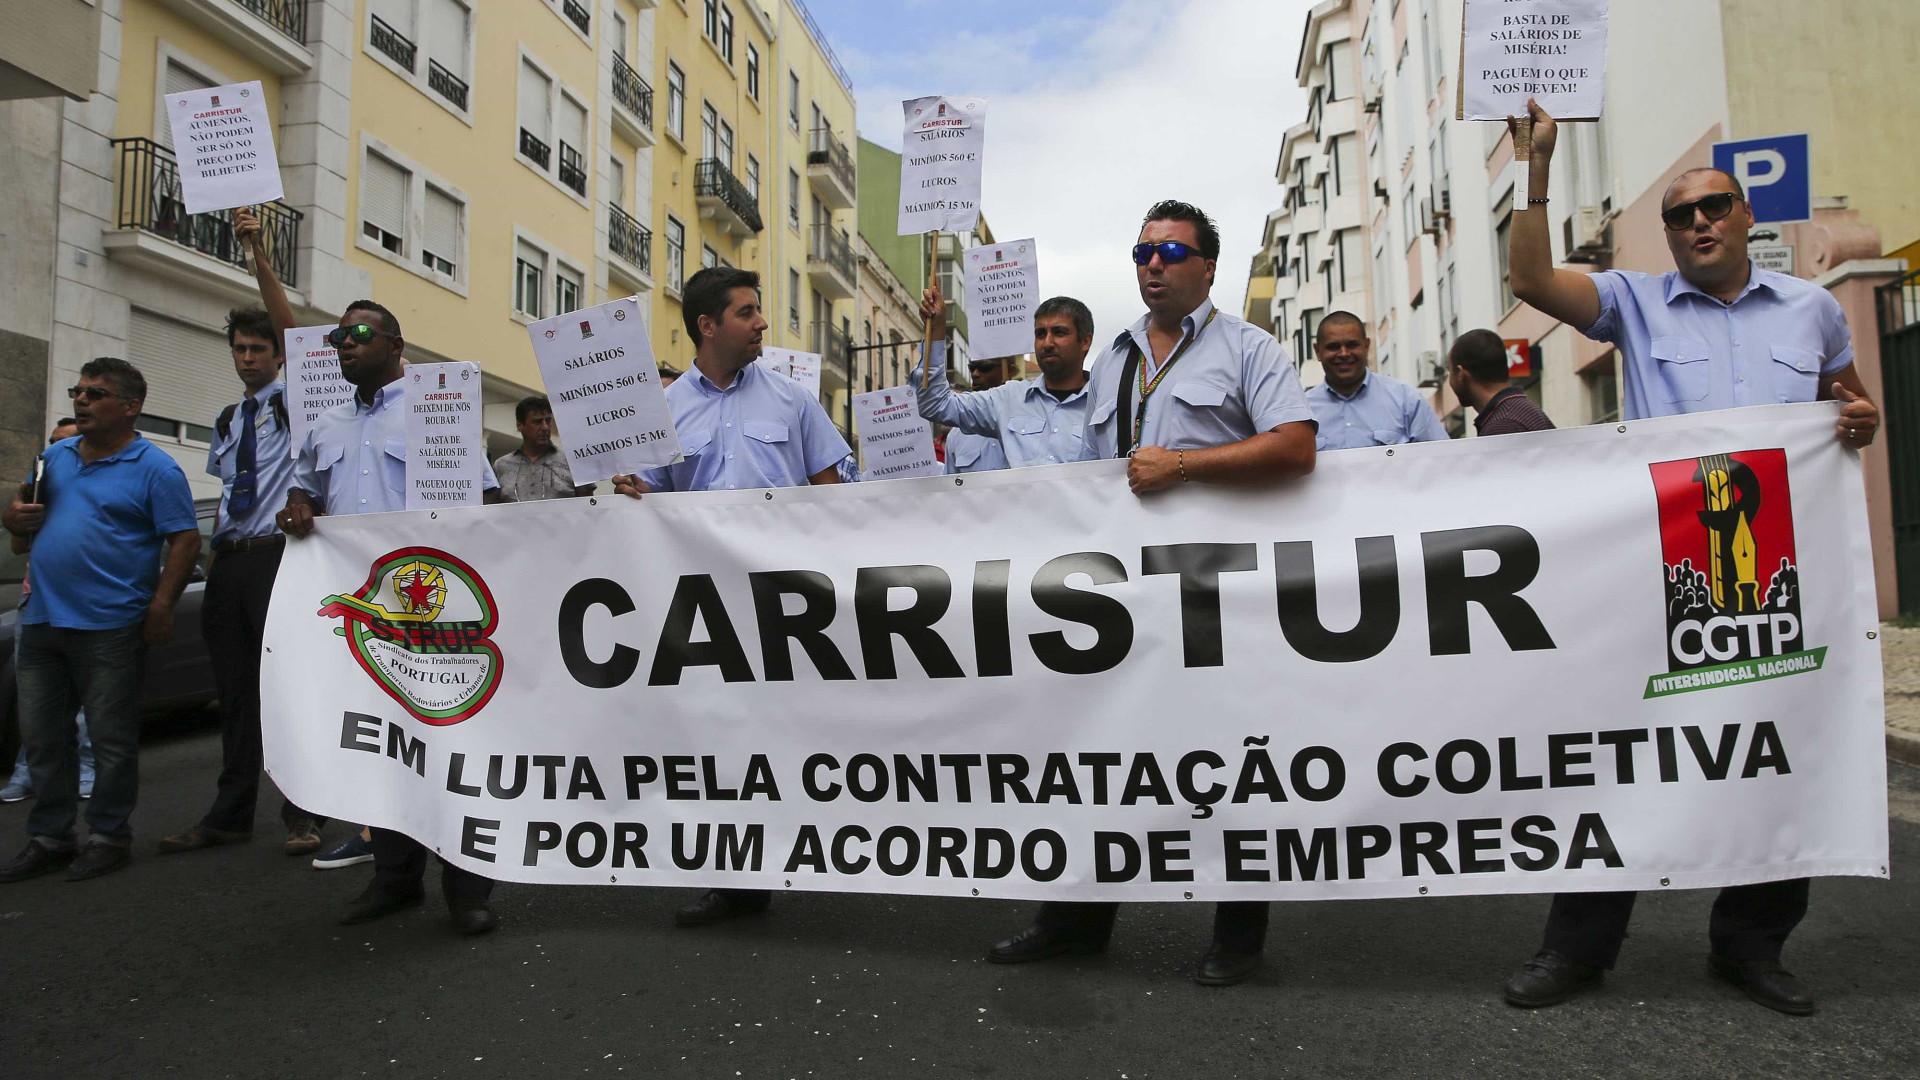 Trabalhadores da Carristur em greve no Natal e Ano Novo devido a salários